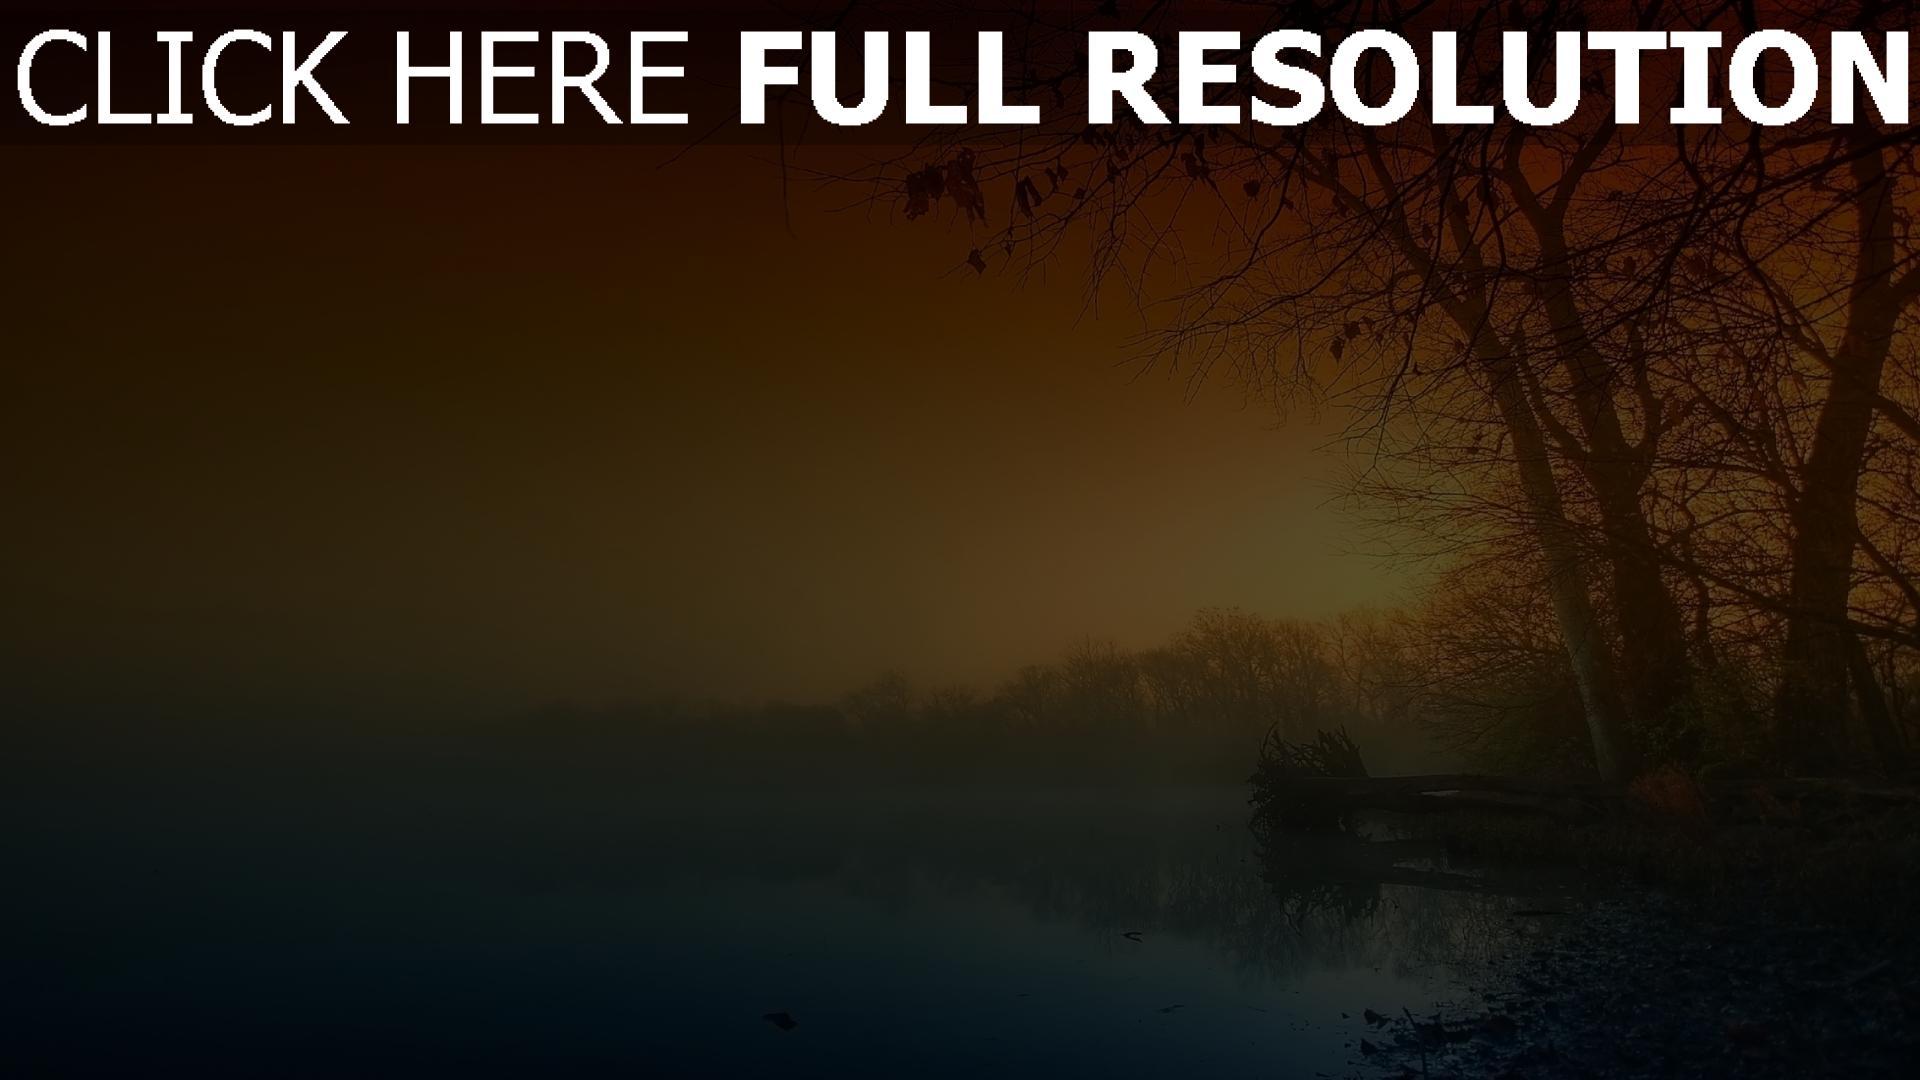 herunterladen 1920x1080 full hd hintergrundbilder b u00e4ume nebel nacht sonnenuntergang fluss 1080p